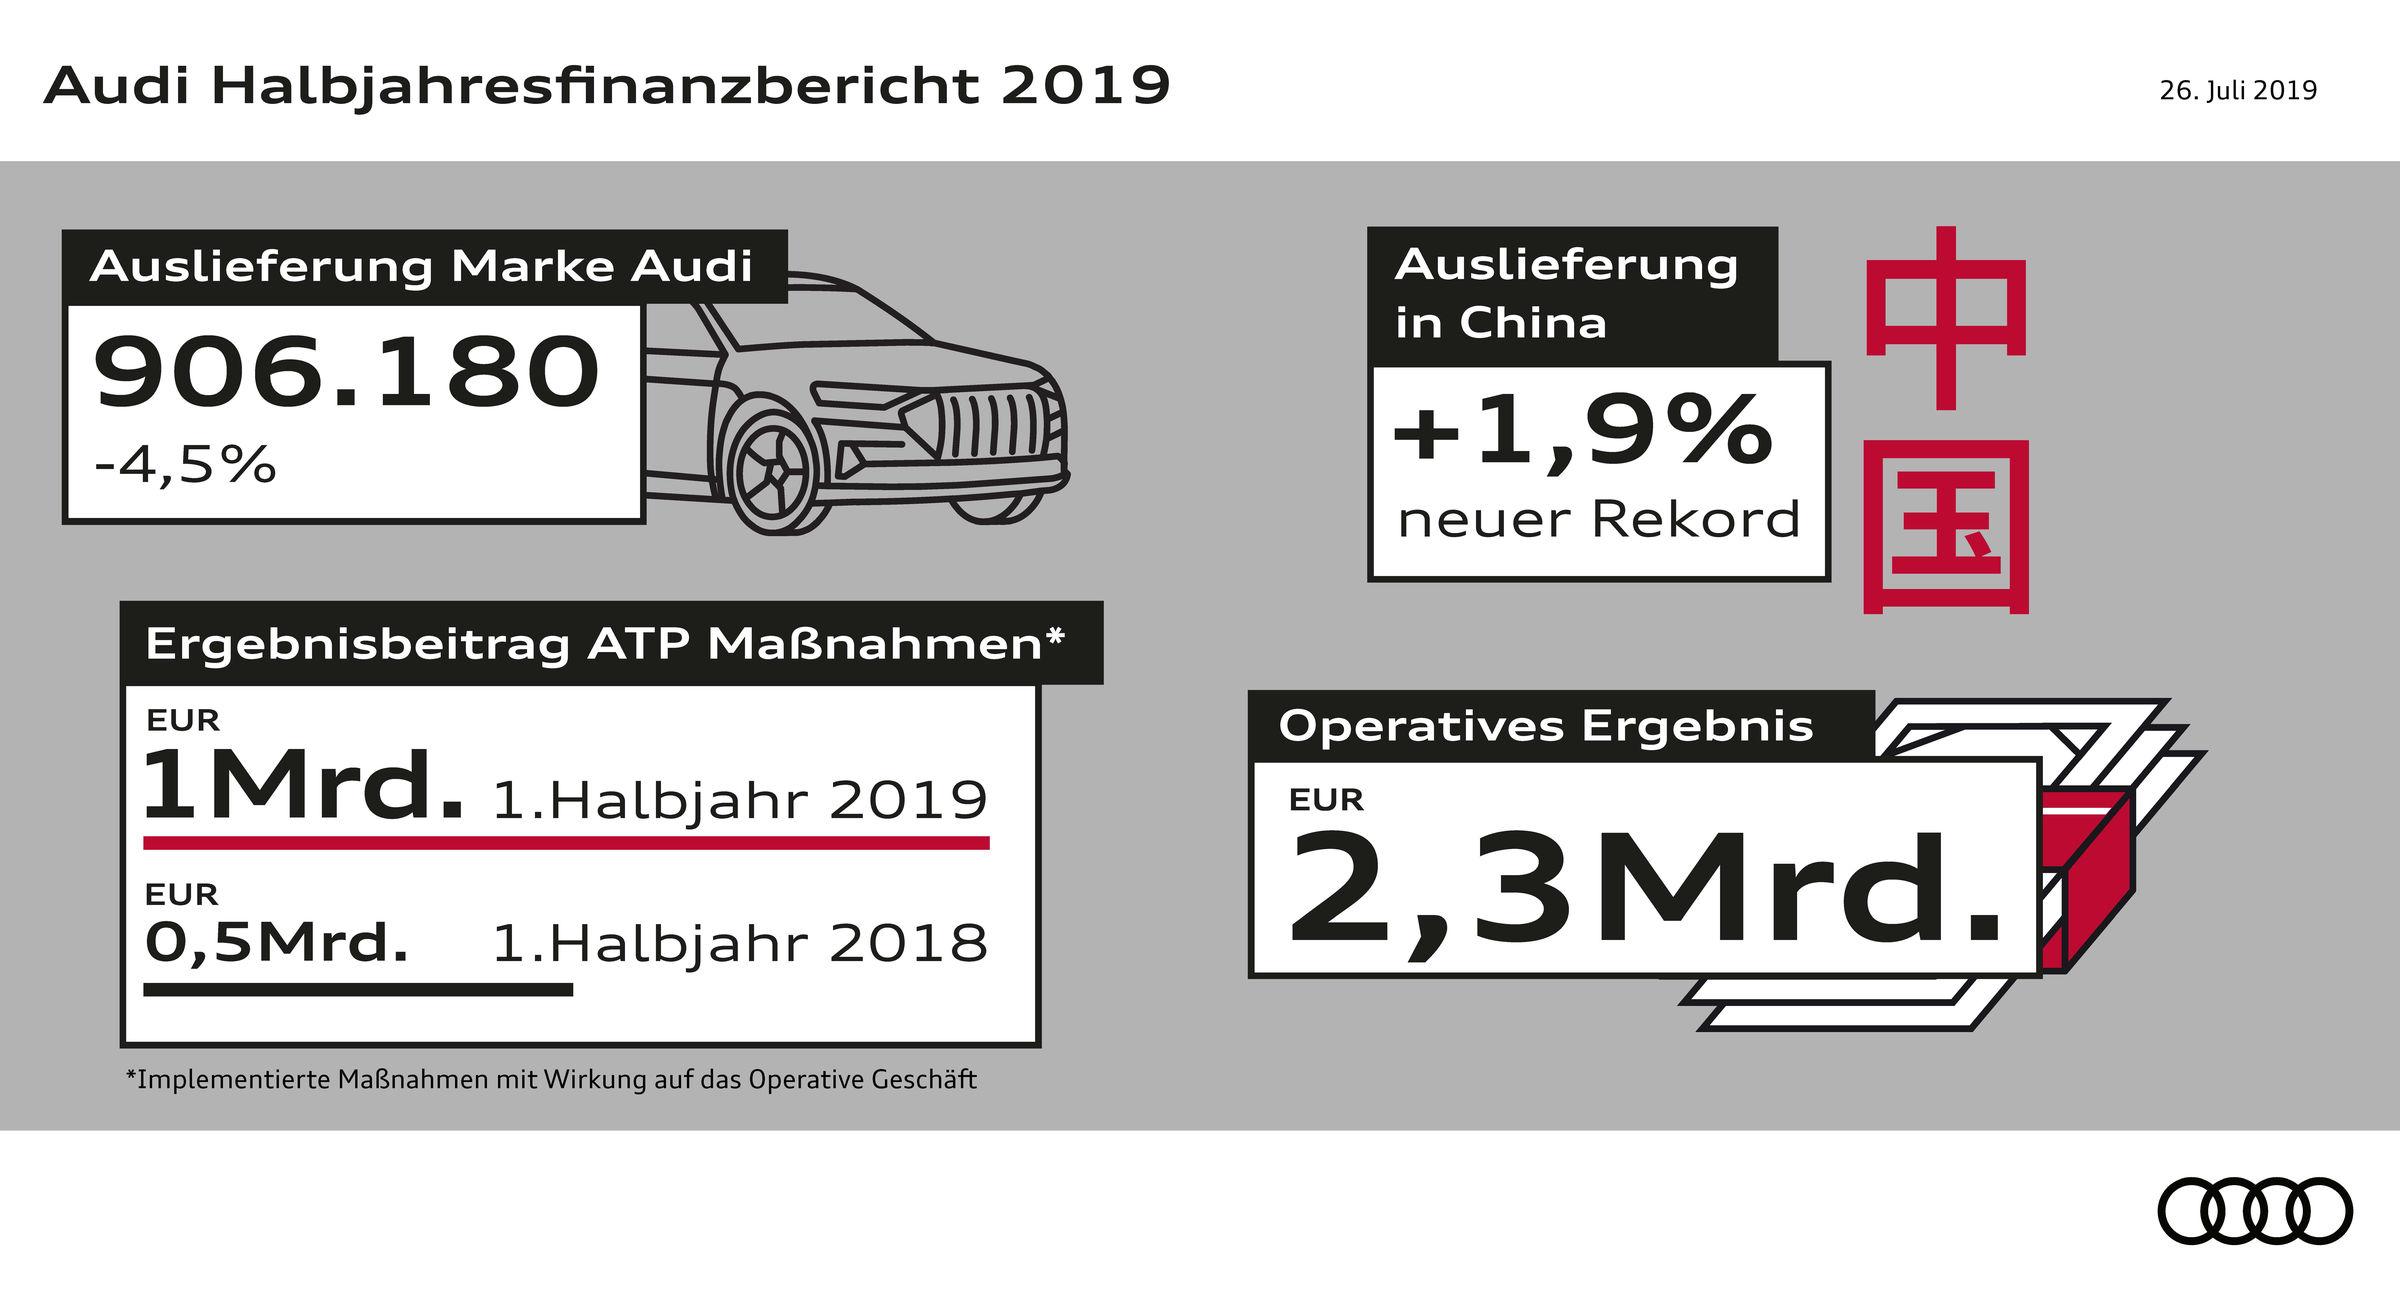 Audi Konzern Halbjahresfinanzbericht - Kennzahlen